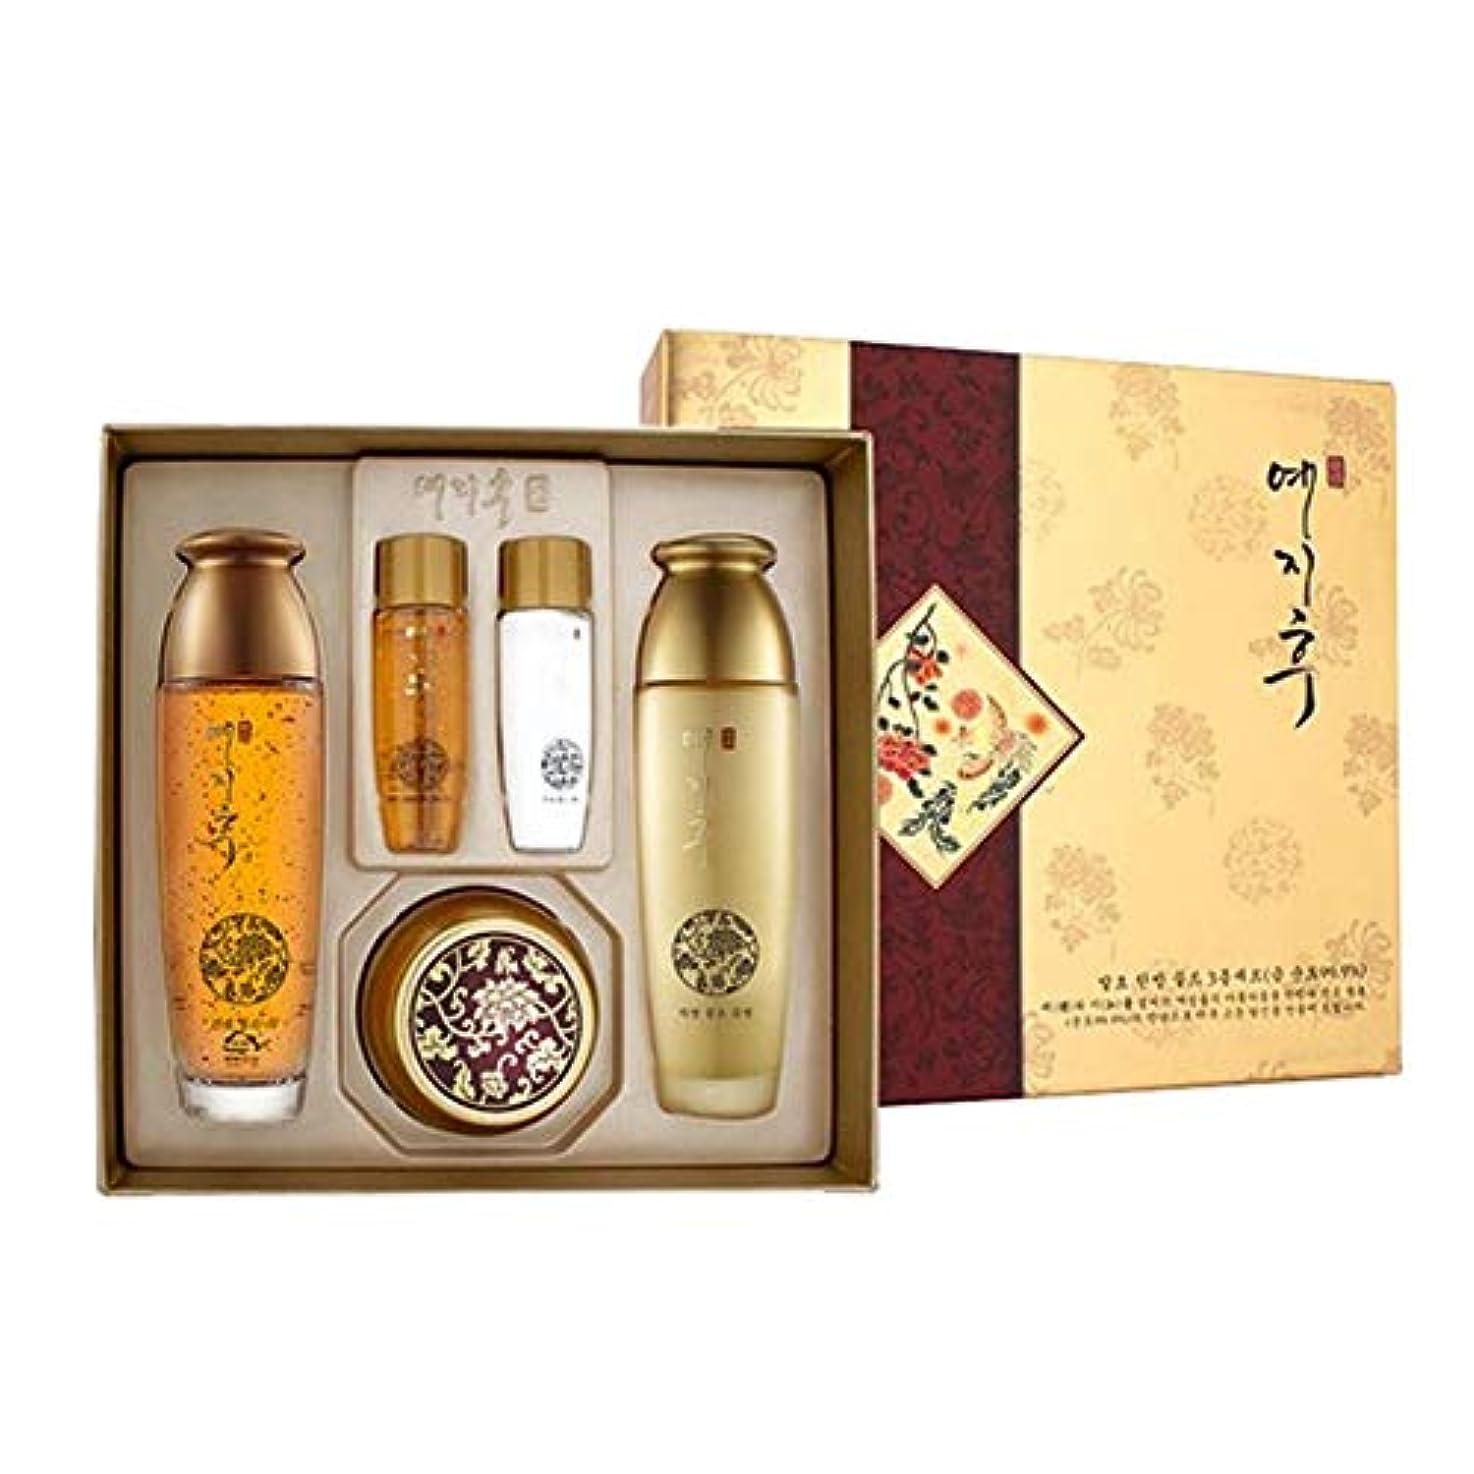 外交ベギン北西イェジフ漢方ゴールド3種セットゴールド水180ml(150+30) ゴールド乳液180ml(150+30) ゴールド栄養クリーム50ml、Yezihu 3 Sets of Herbal Gold Cosmetics [並行輸入品]